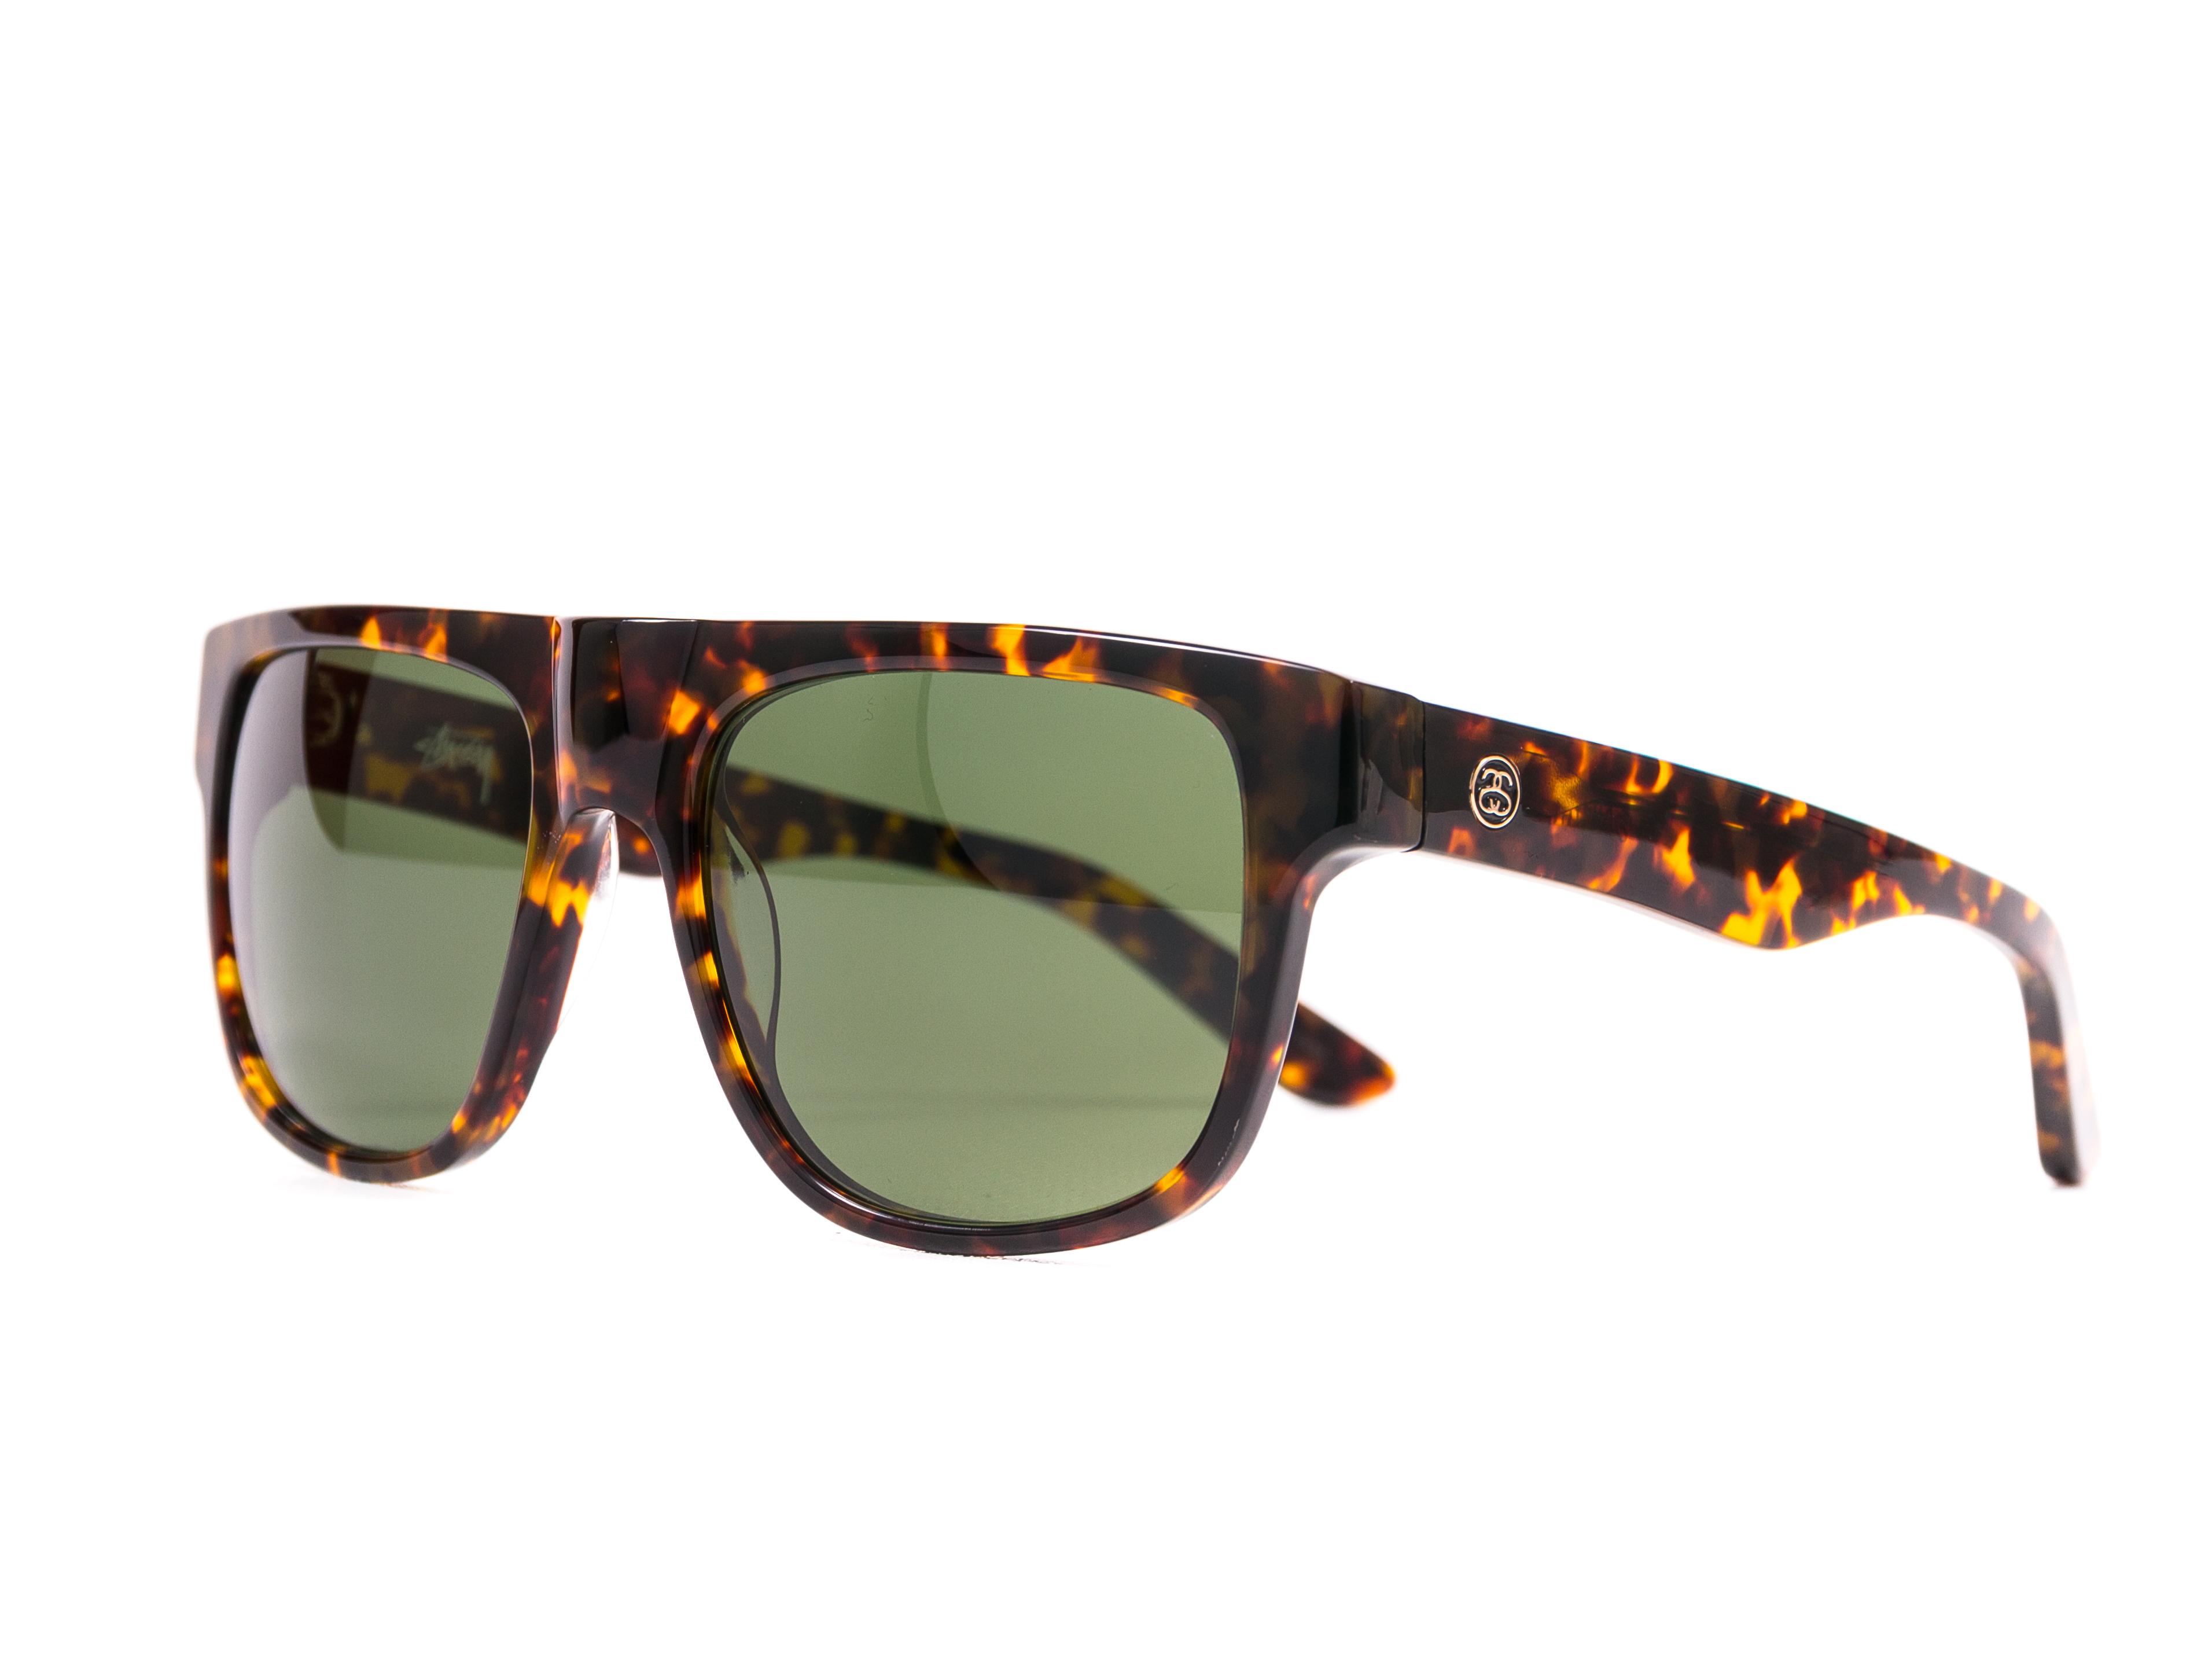 bb58d7608432 Stussy Sunglasses « Heritage Malta